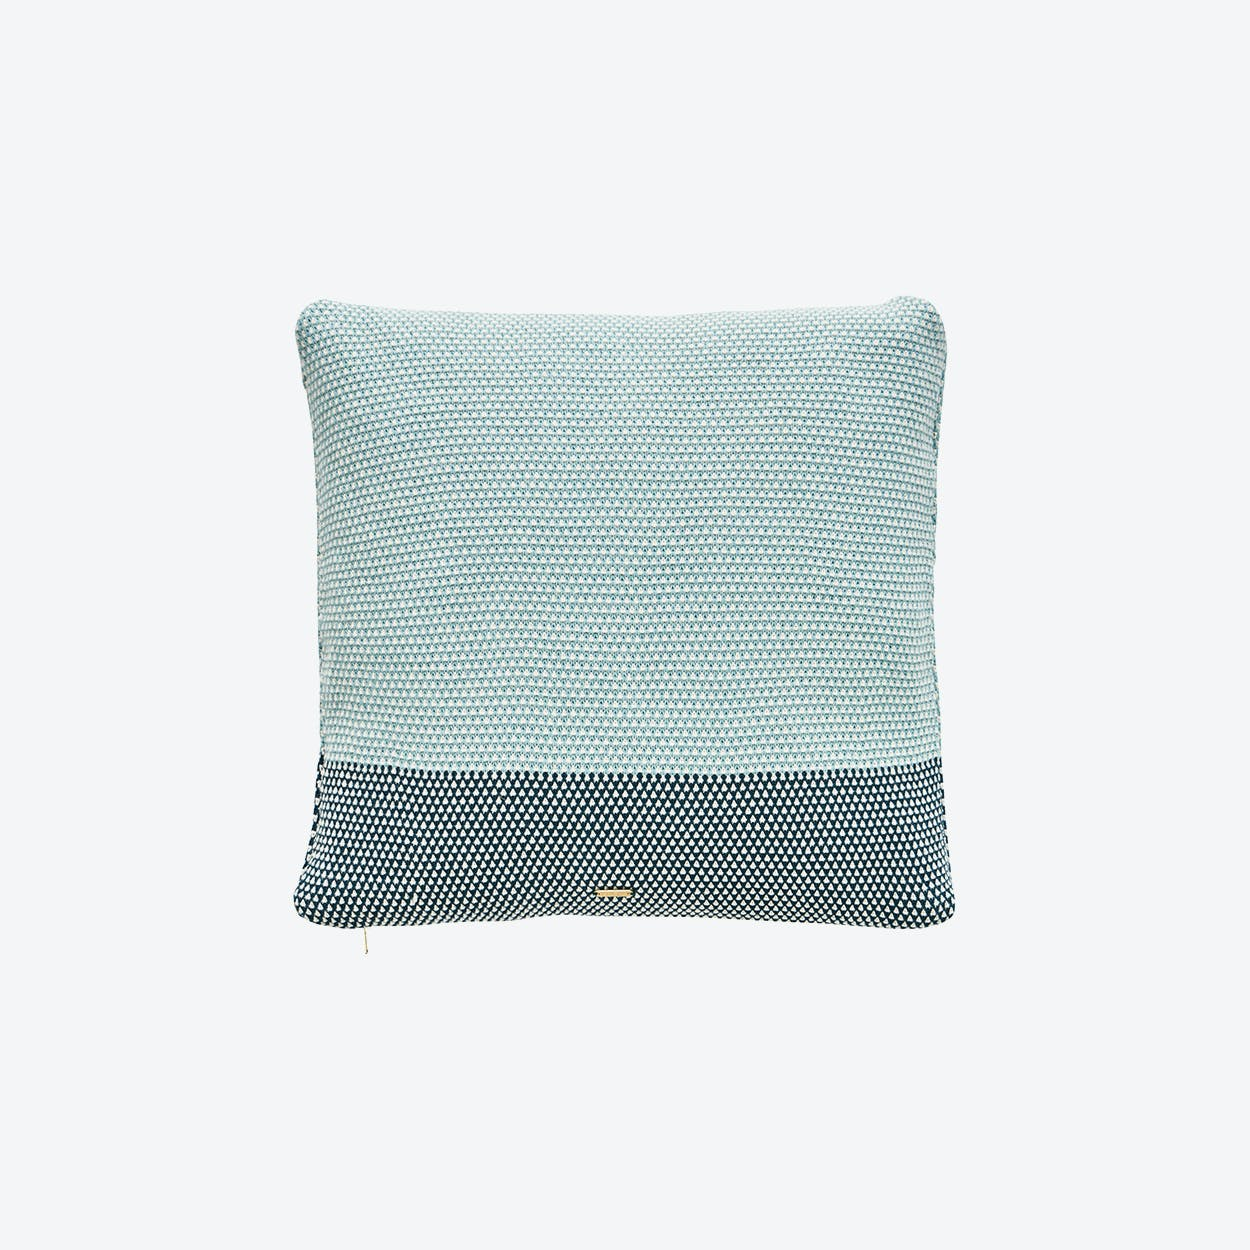 Takara Cushion in Blue / Green